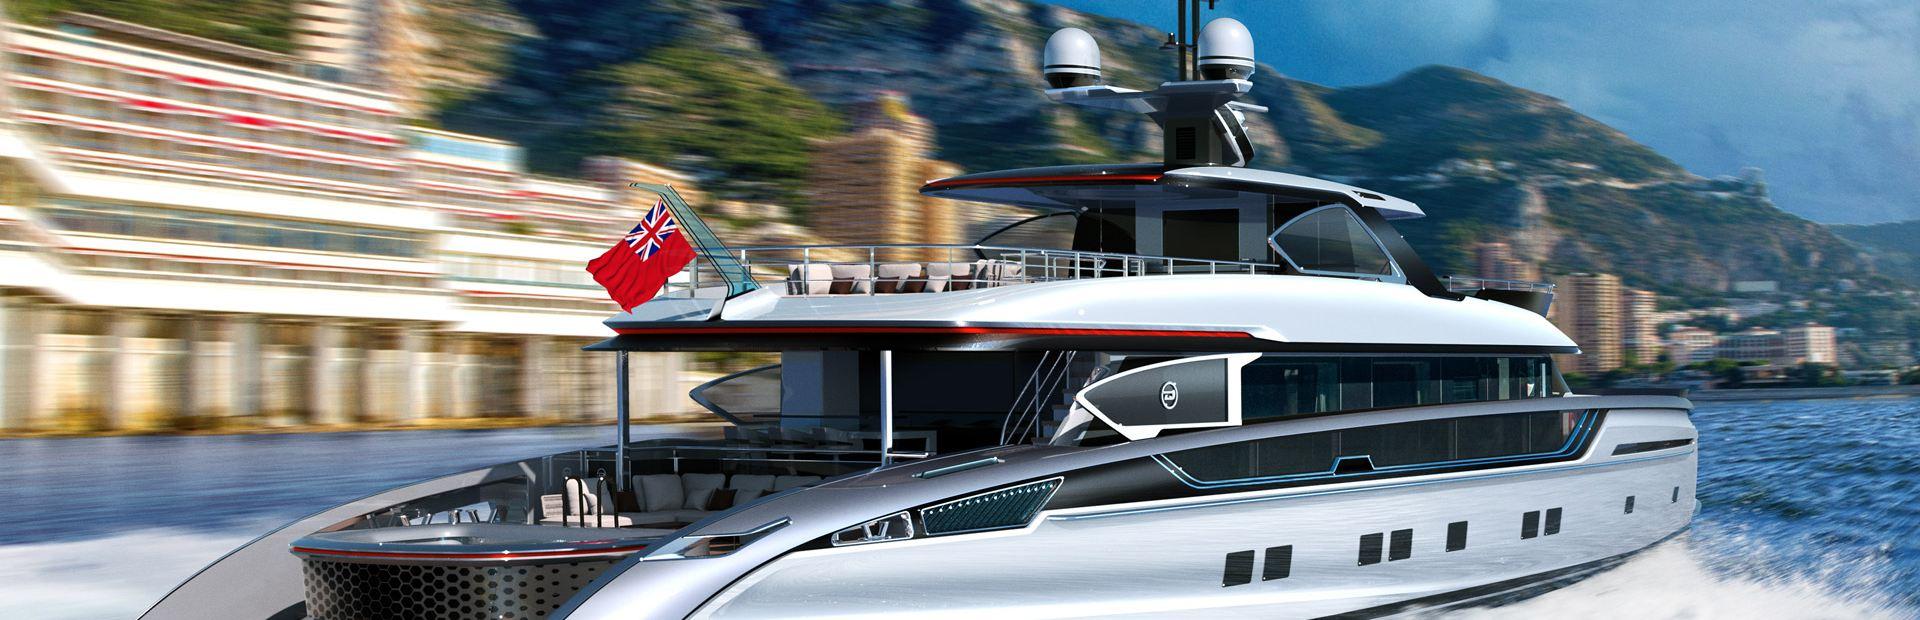 Dynamiq GTT 135 Yacht Charter